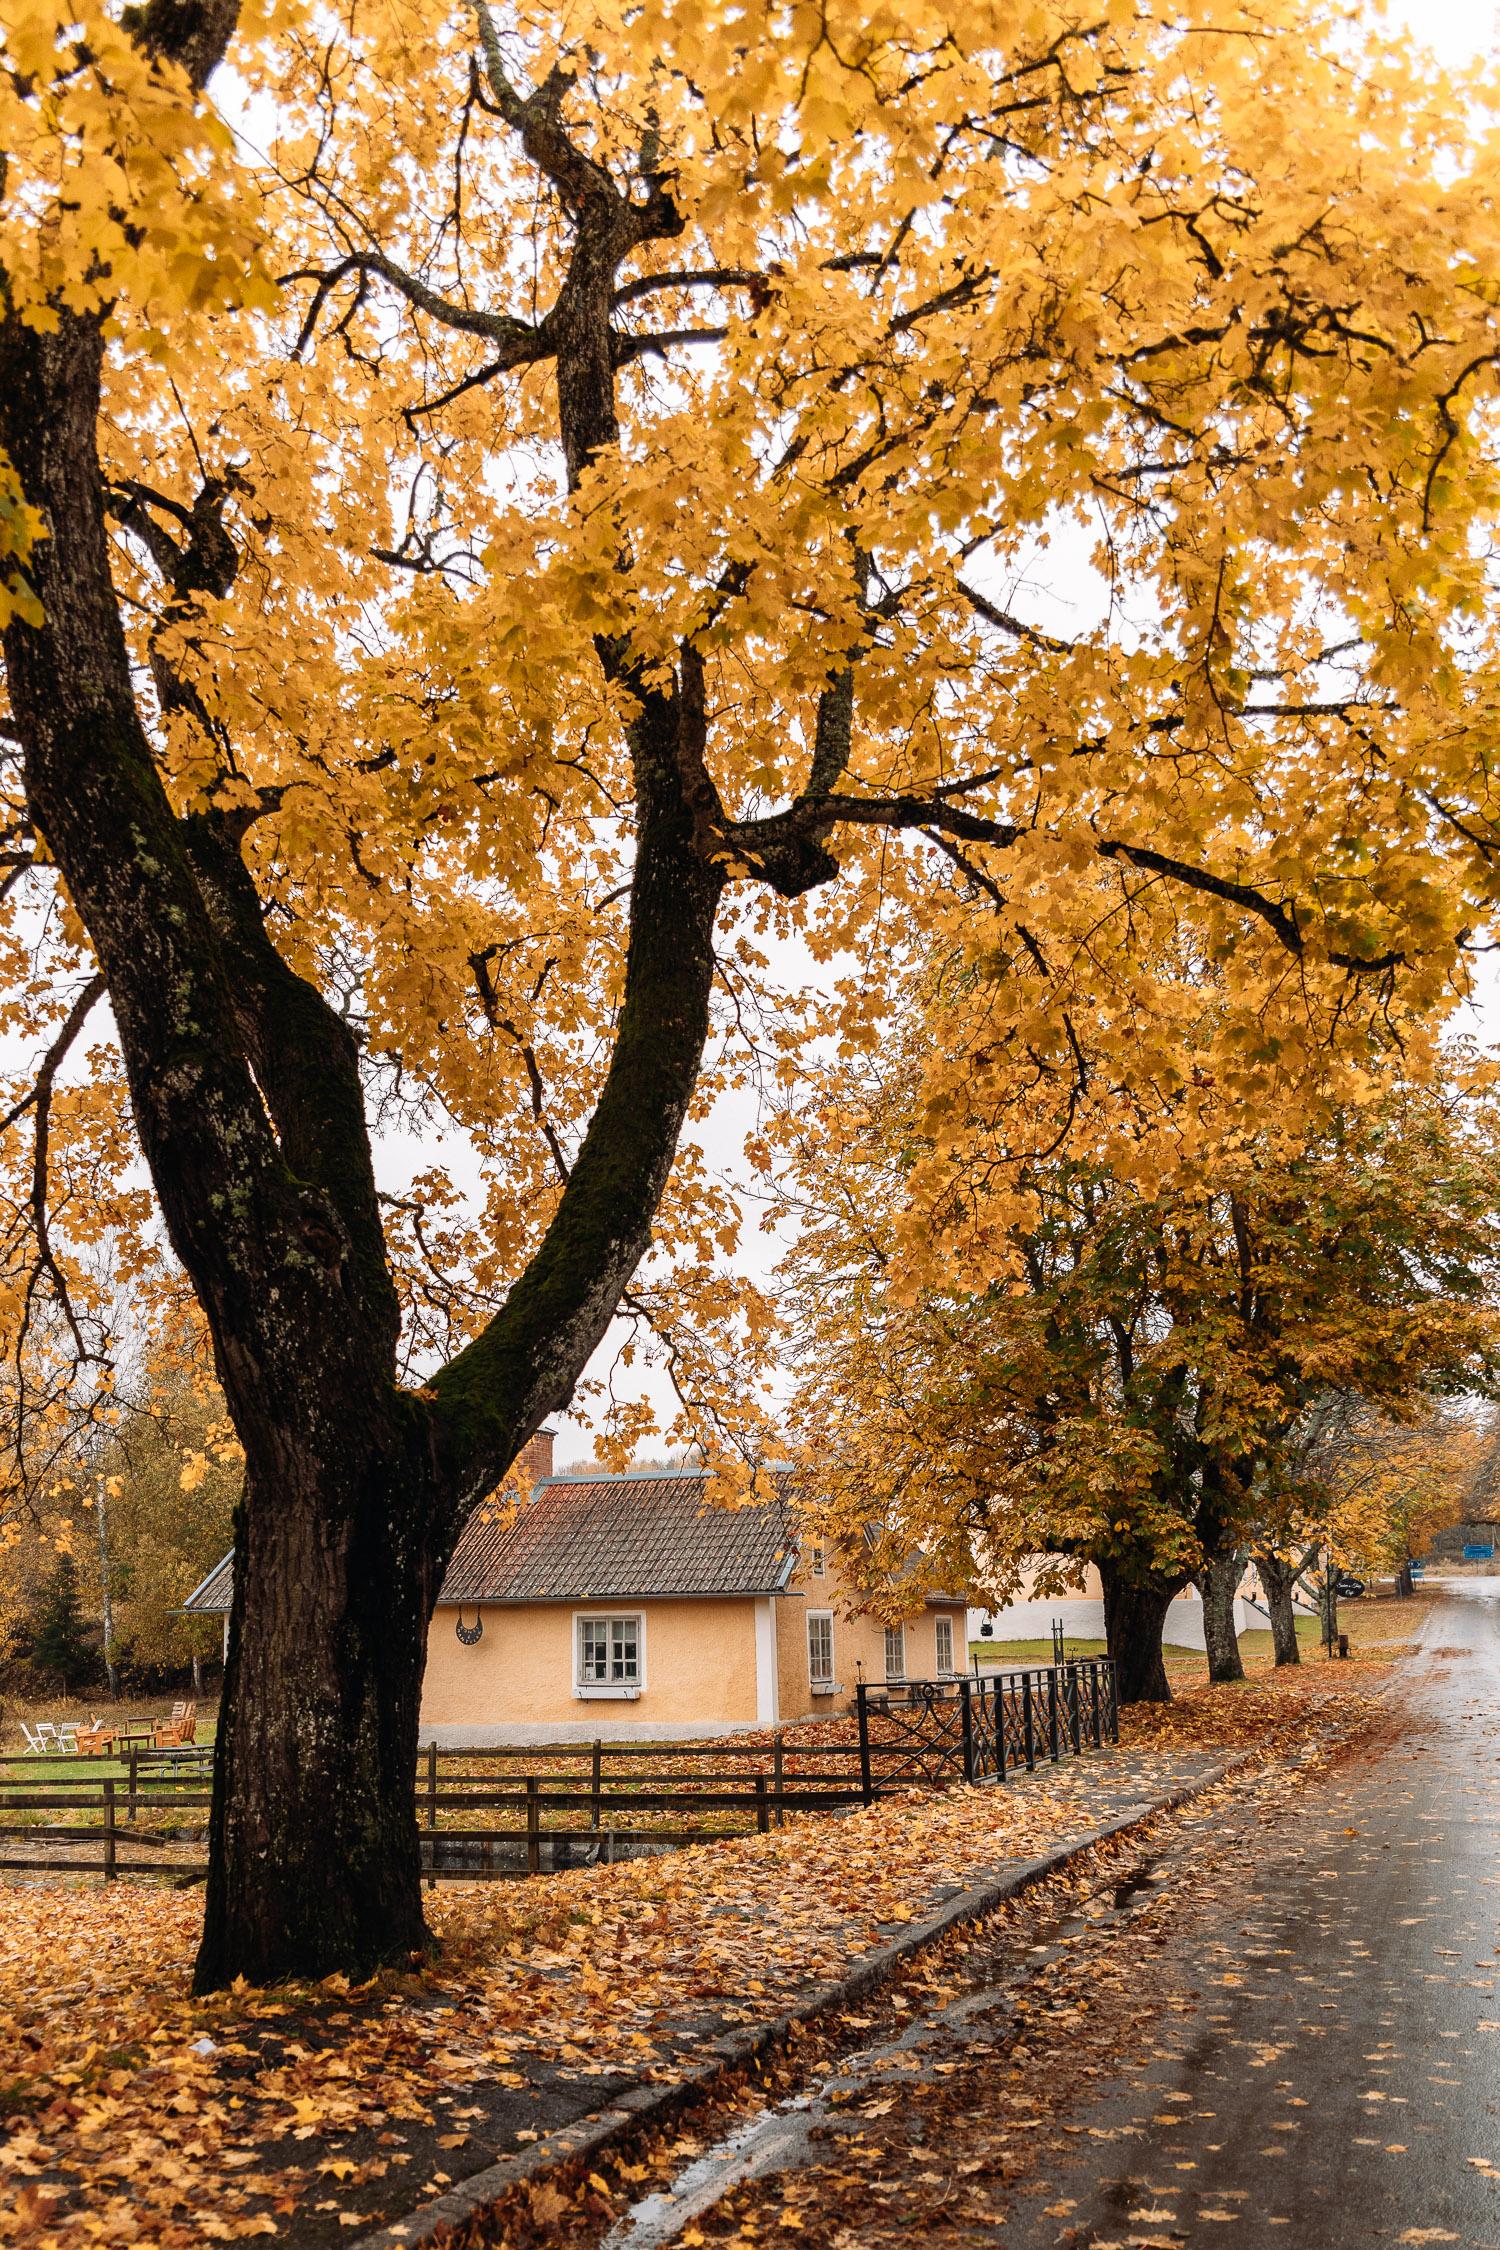 Idyllisk bruksmiljö med gula höstträd i Brevens Bruk - Tips på saker att göra i Örebro län